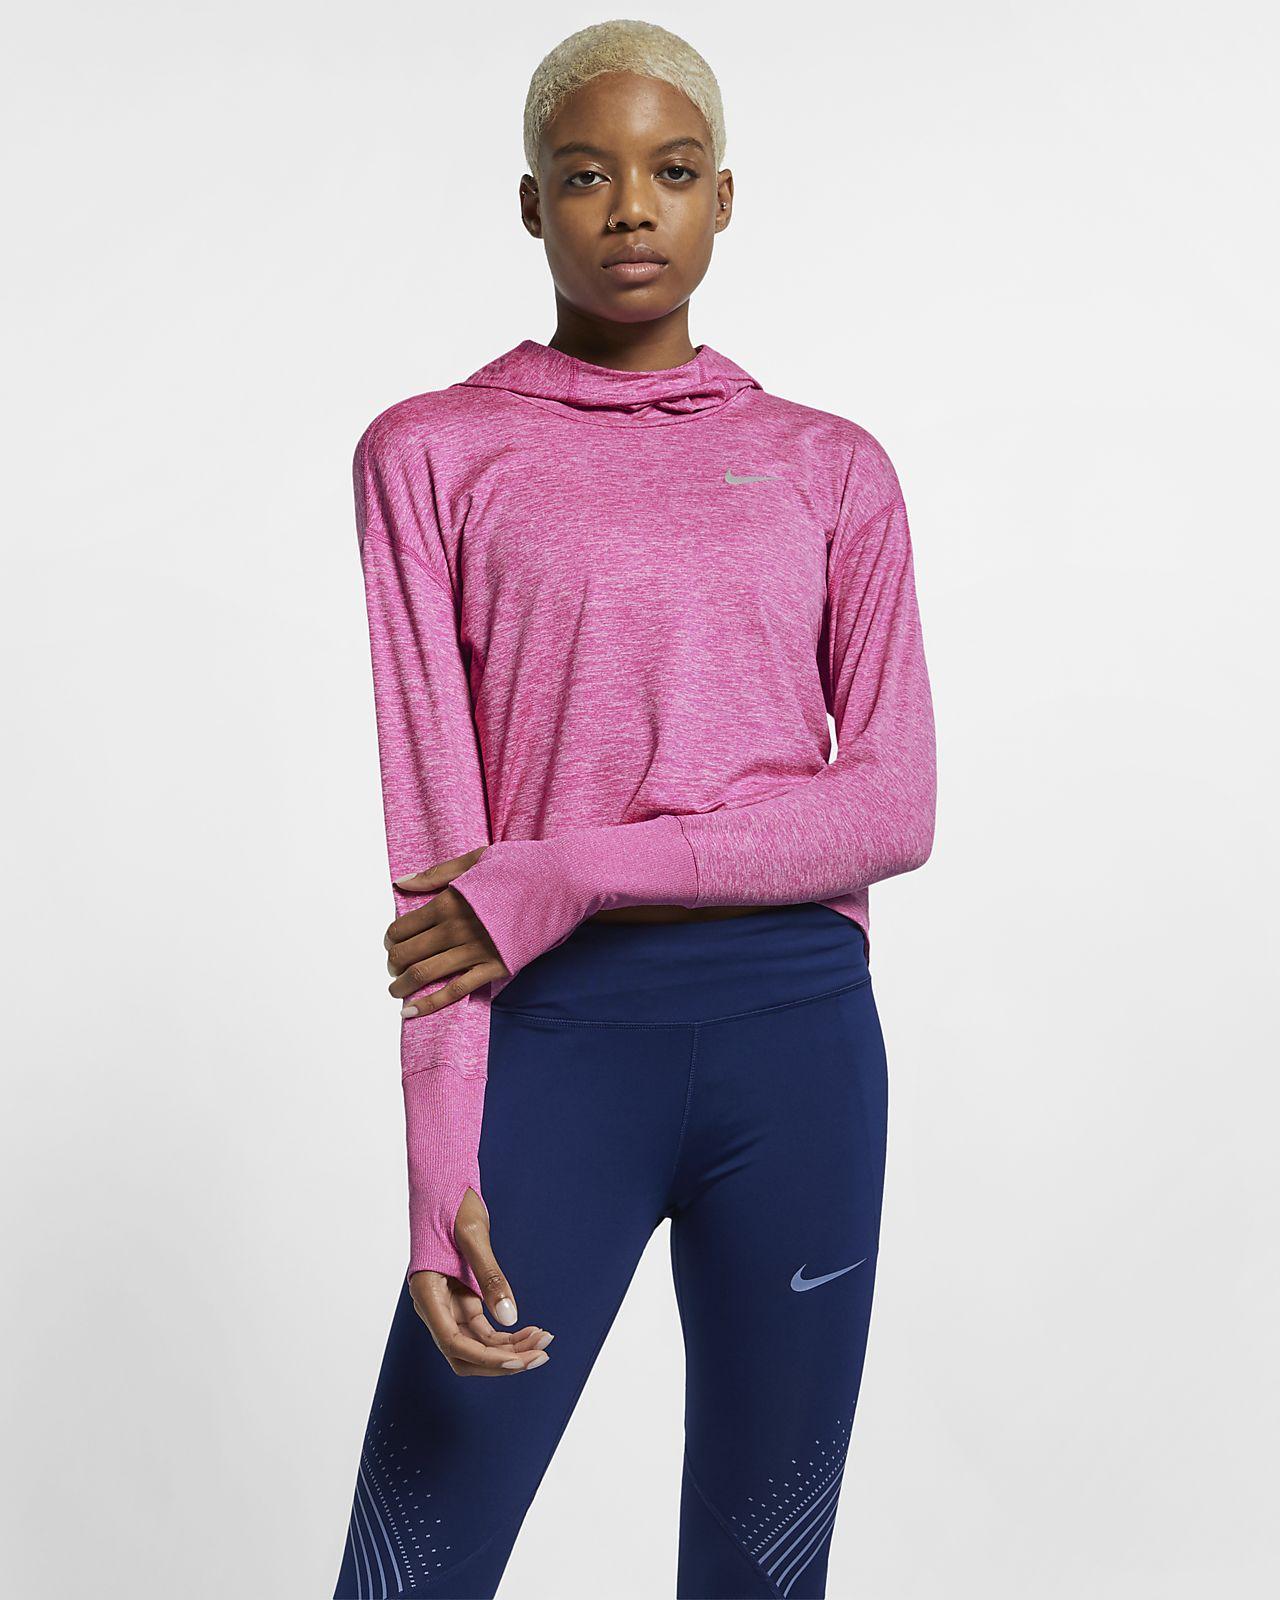 Nike-sportshettegenser for dame